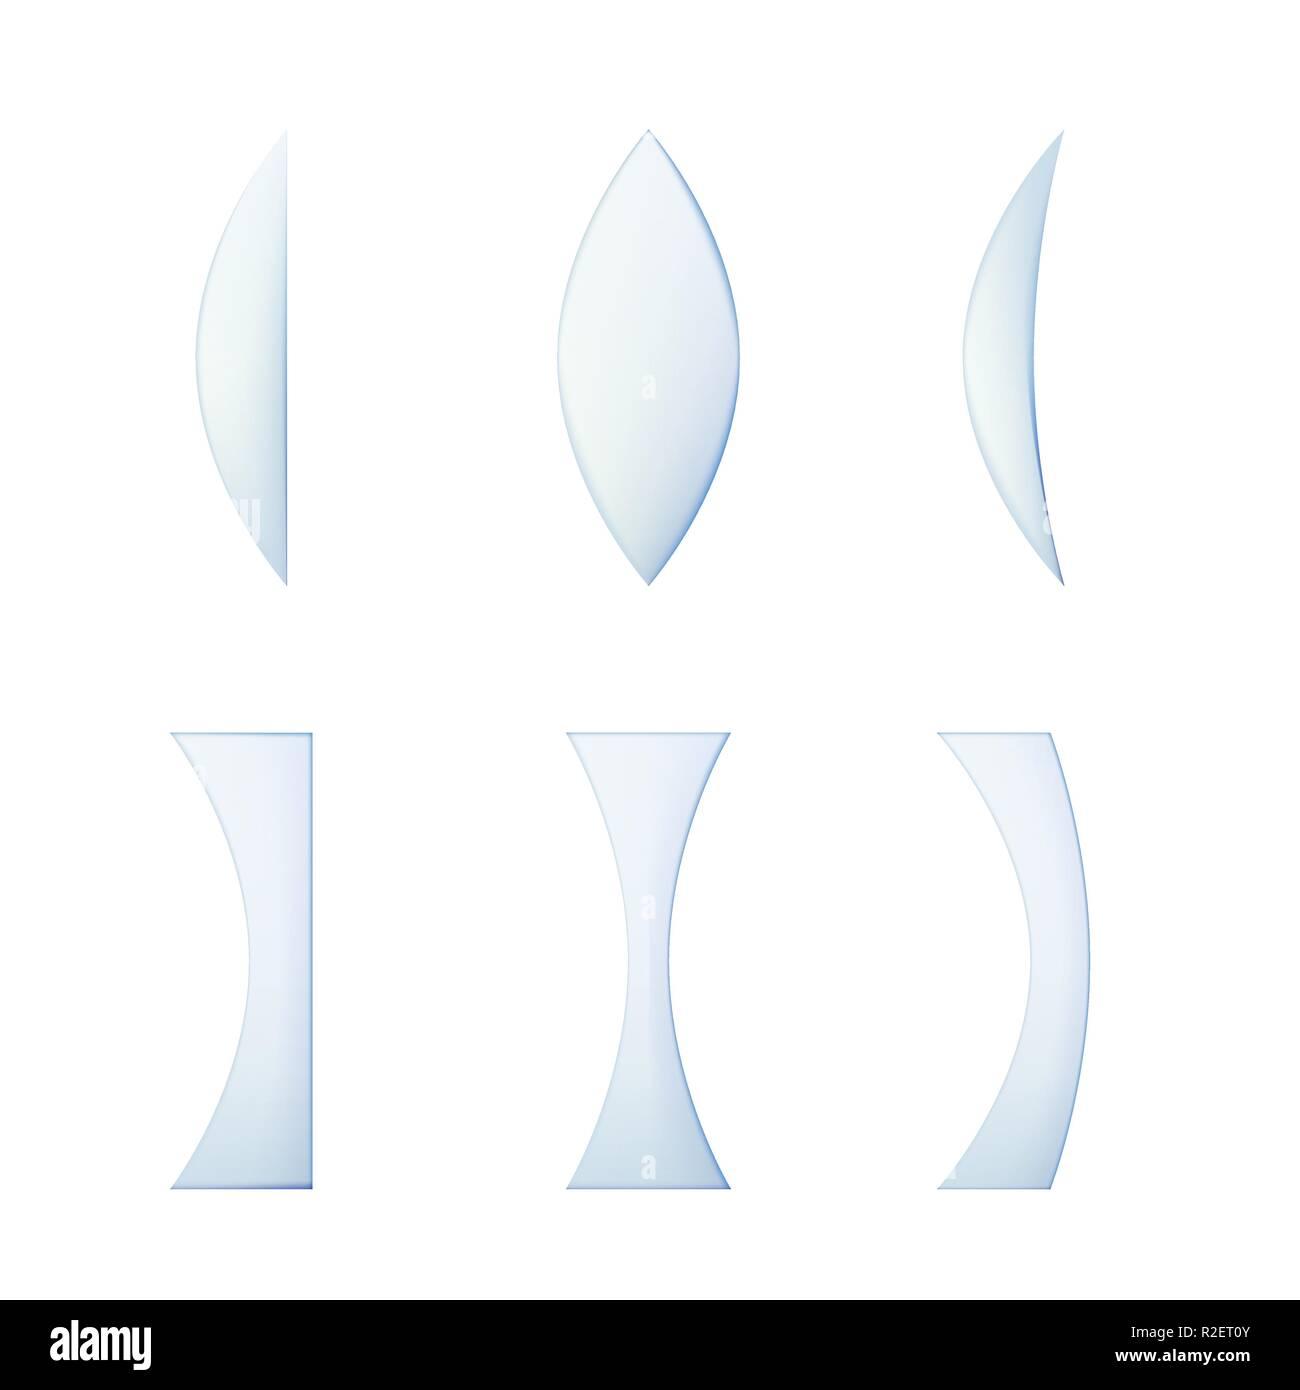 Set di lenti in vetro di diverse sezioni trasversali. Illustrazione Vettoriale. Raccolta di dispositivi ottici. Immagini Stock